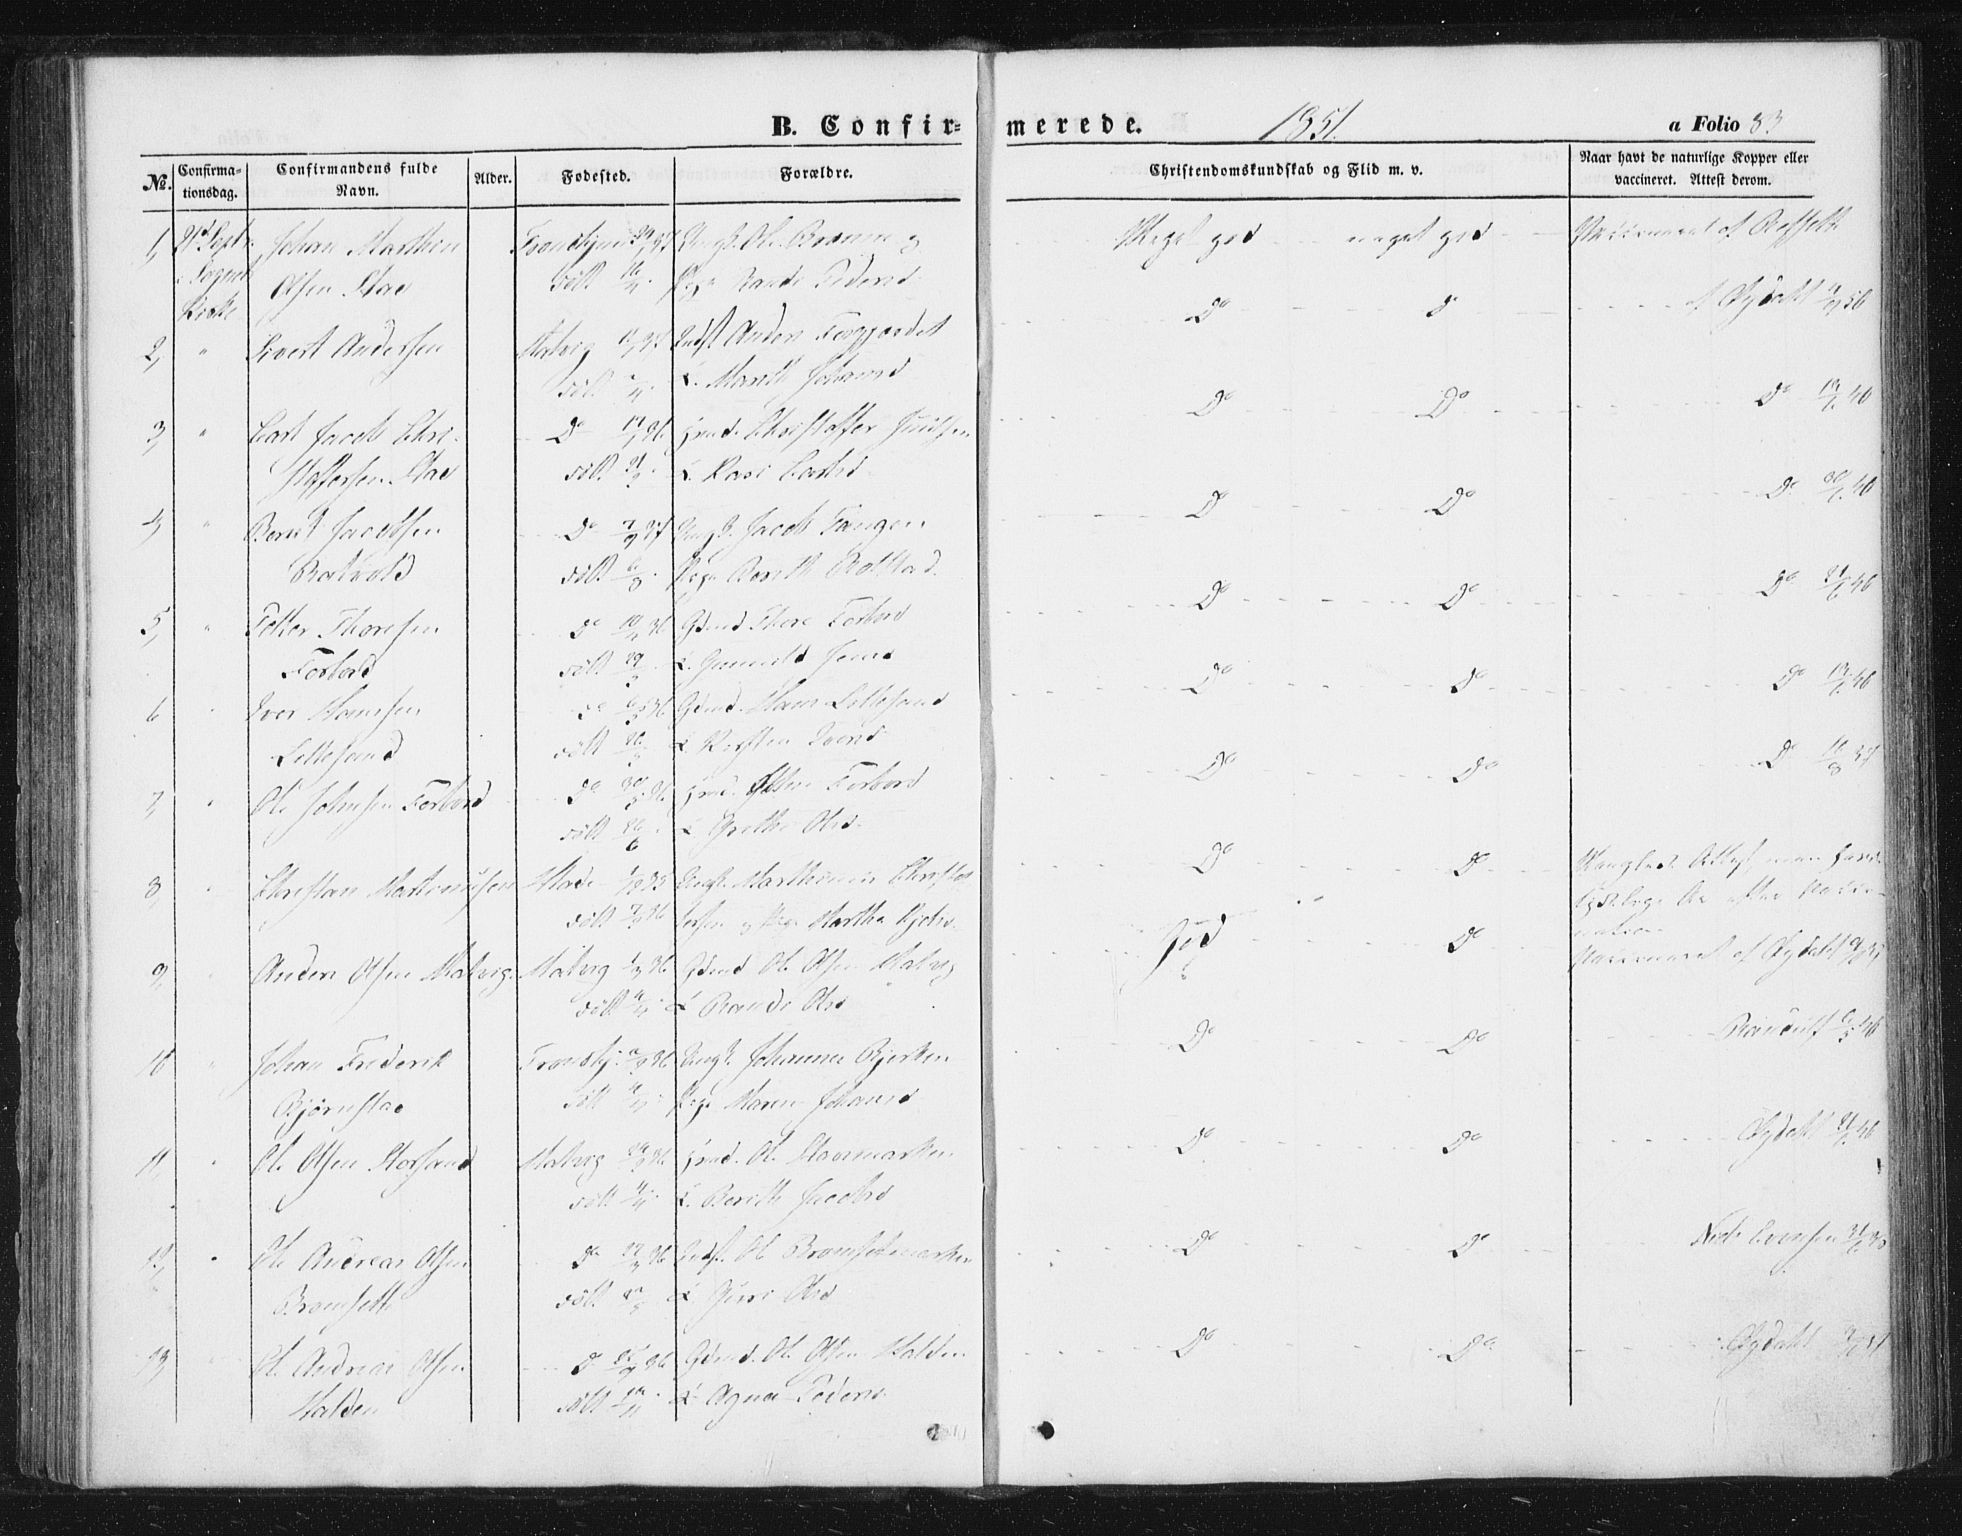 SAT, Ministerialprotokoller, klokkerbøker og fødselsregistre - Sør-Trøndelag, 616/L0407: Ministerialbok nr. 616A04, 1848-1856, s. 83